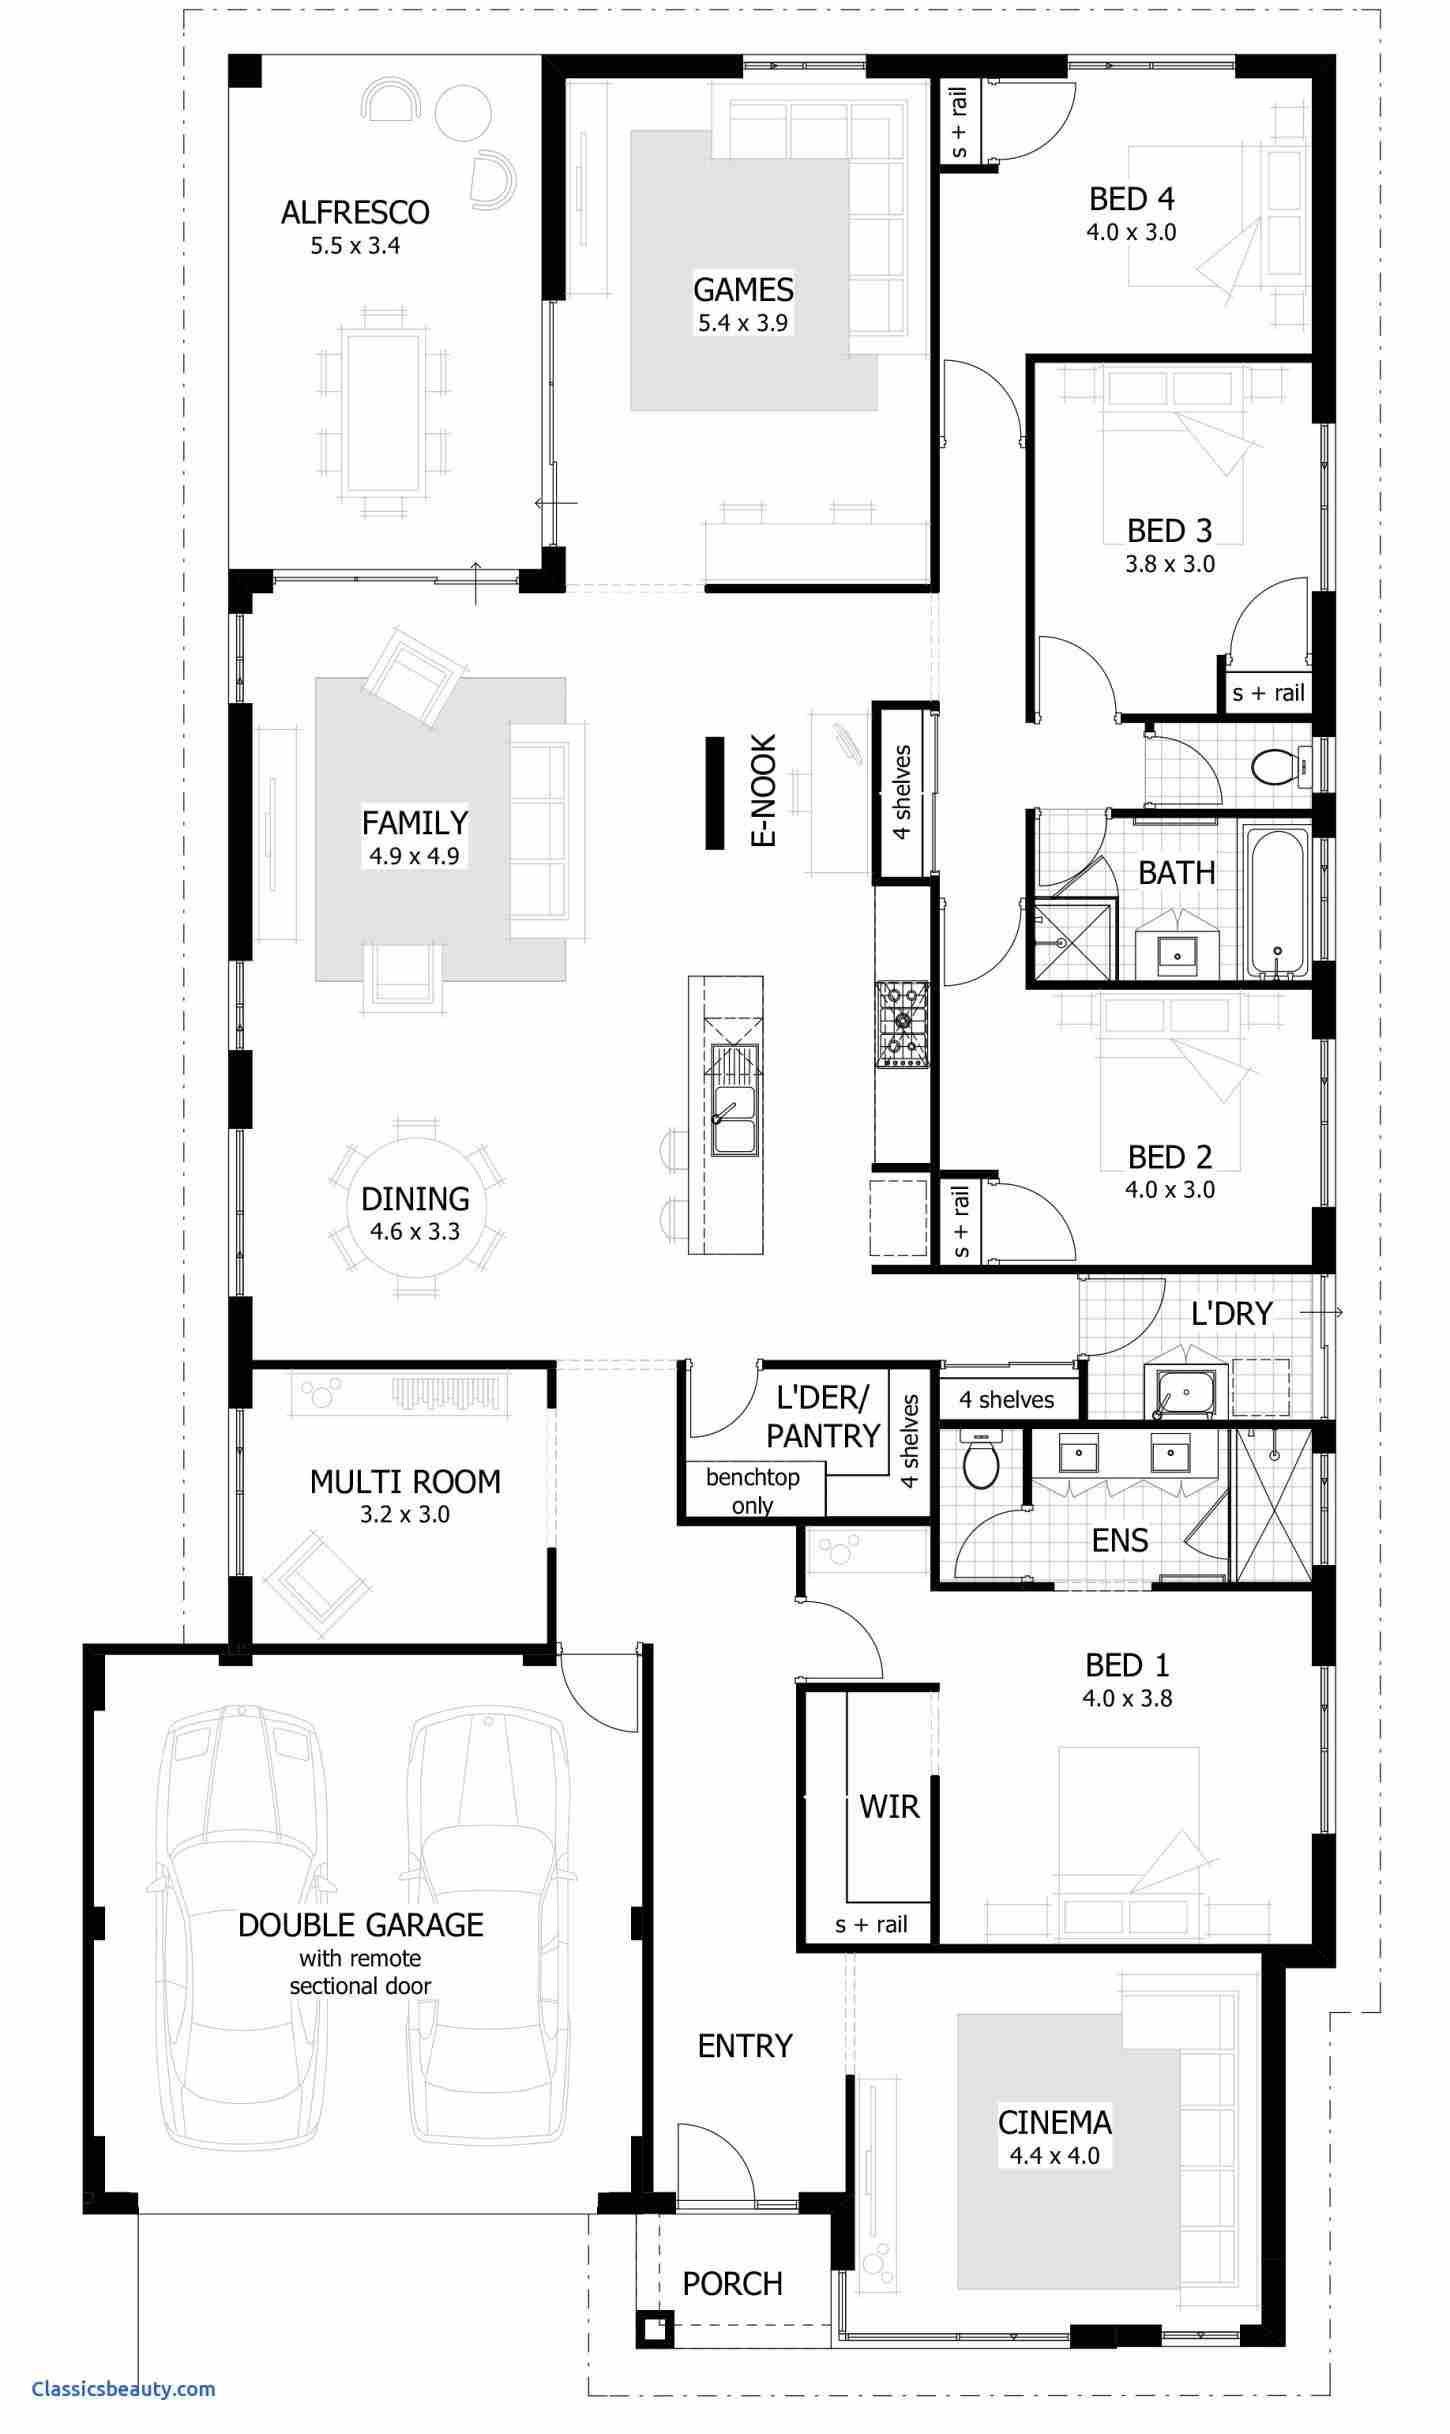 3 Bedroom House Plans 3d Denah Lantai Denah Lantai Rumah Denah Rumah